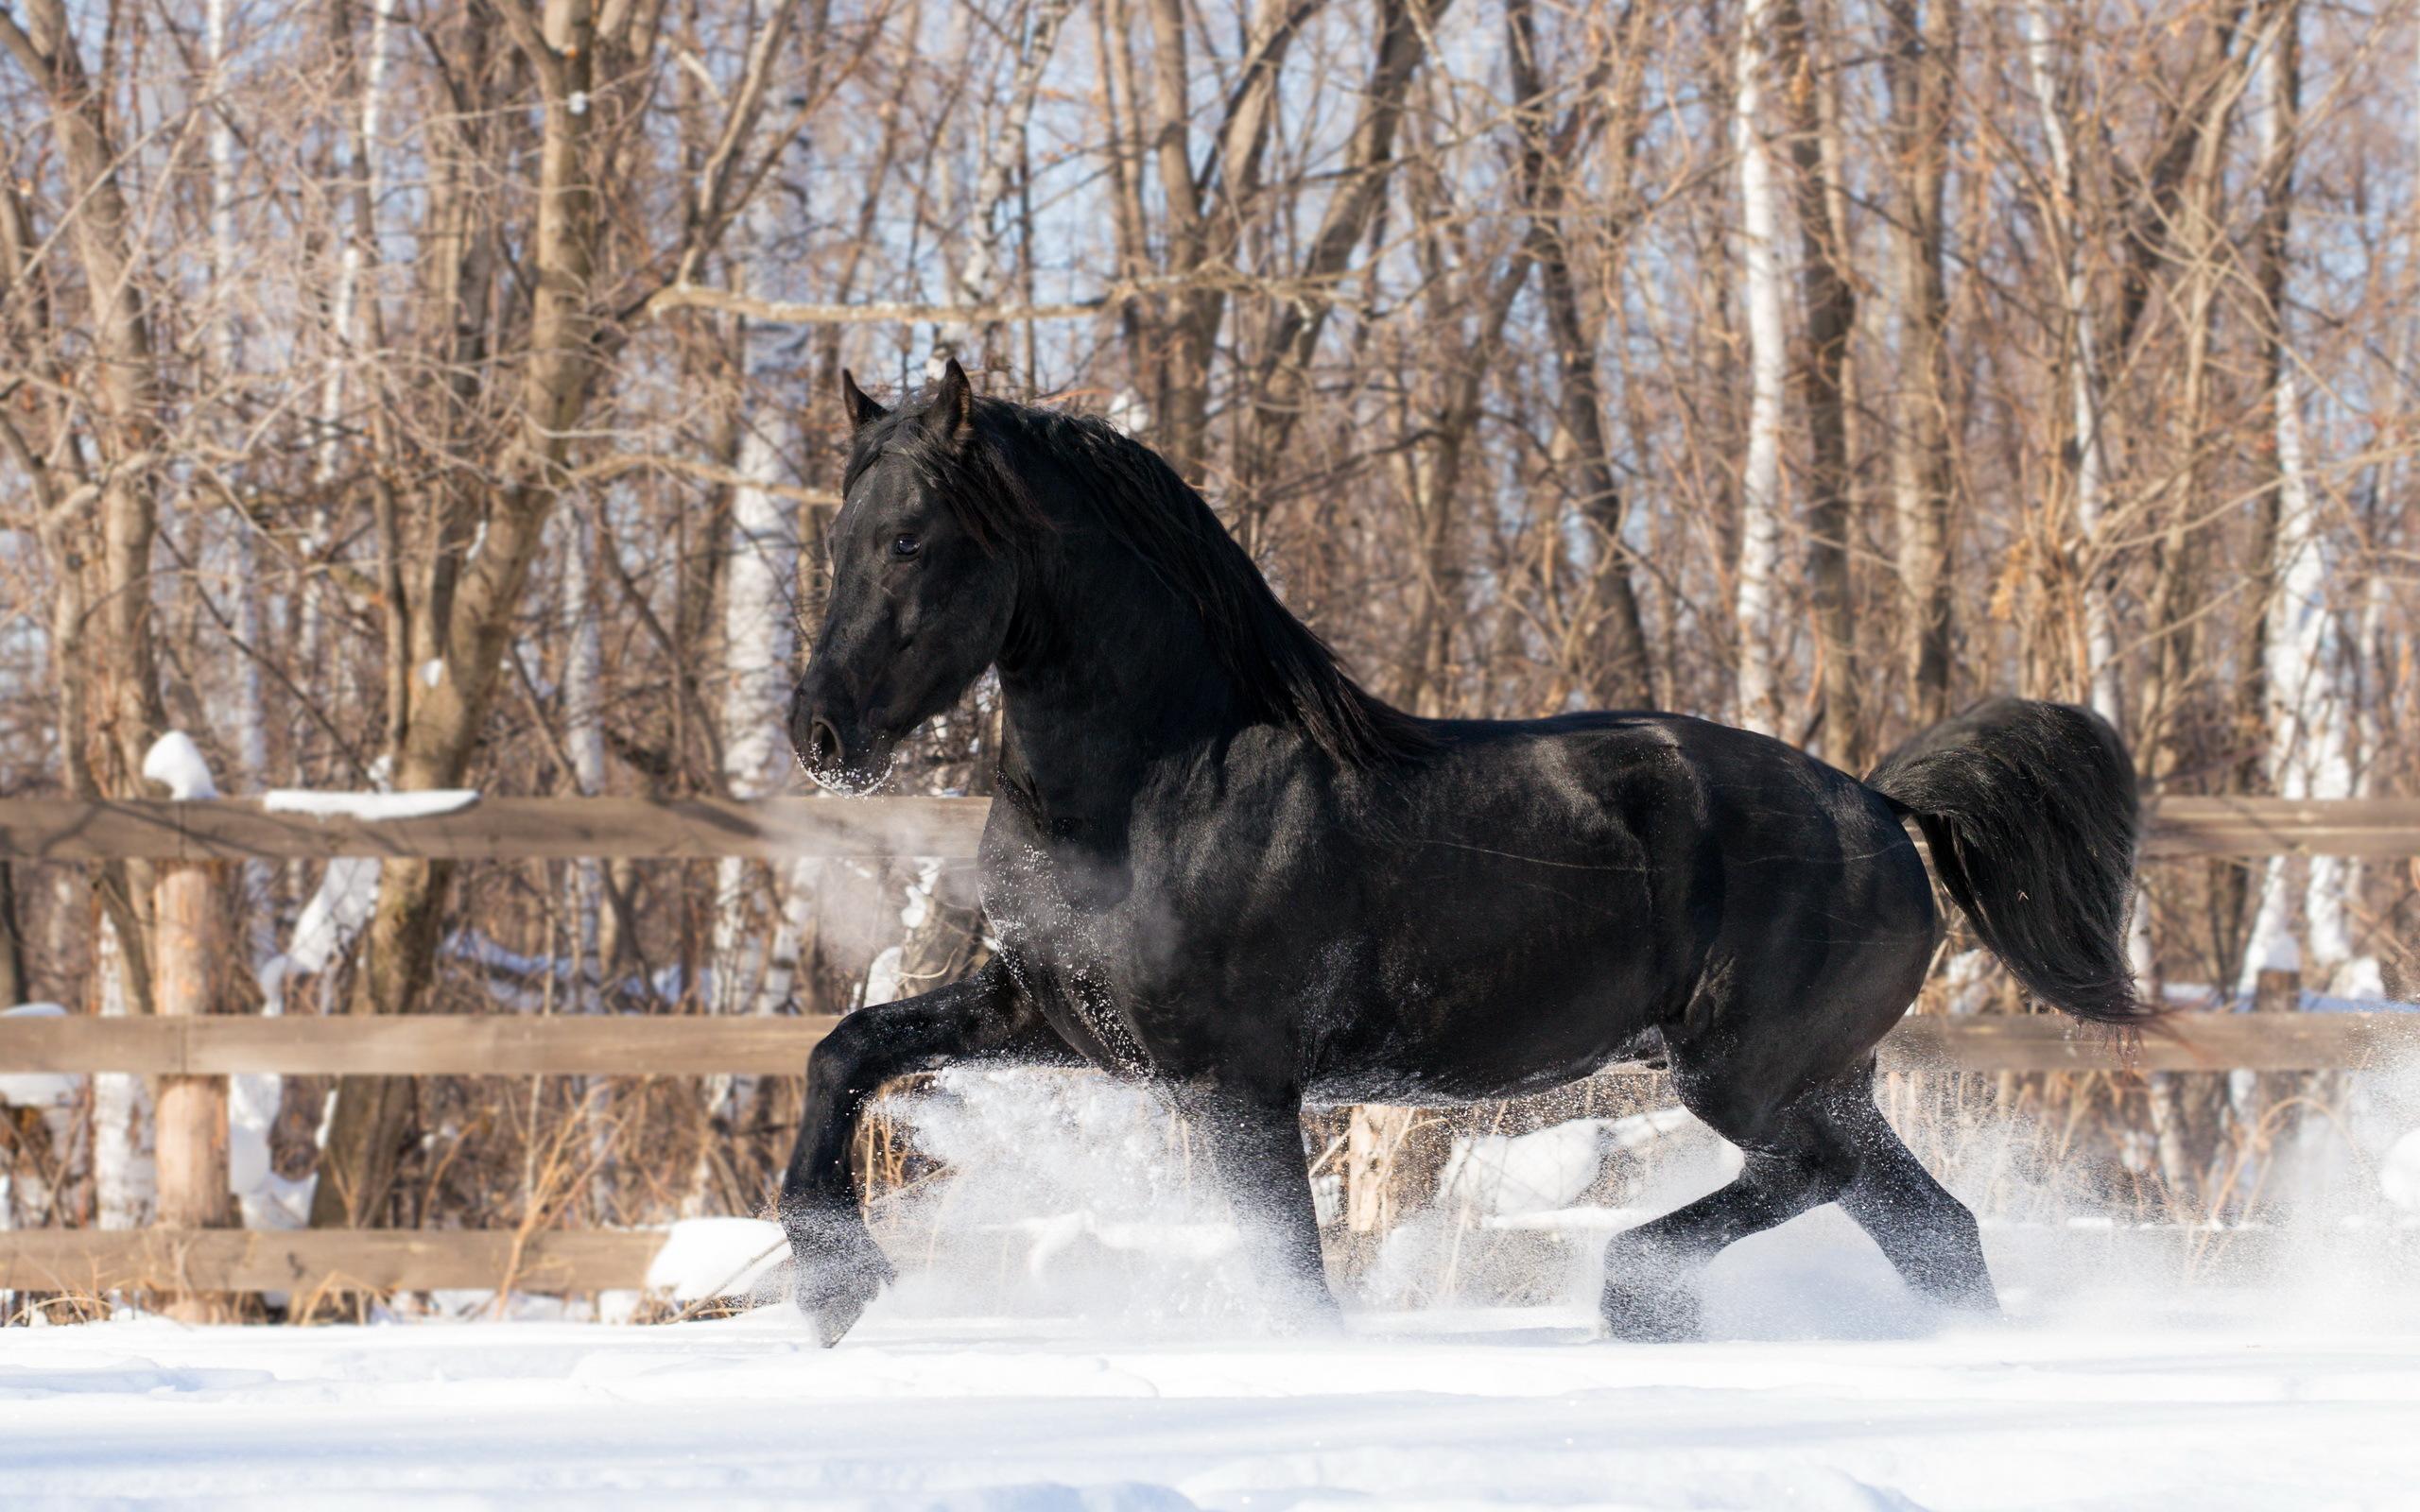 зимняя лошадь обои на рабочий стол № 511097 бесплатно